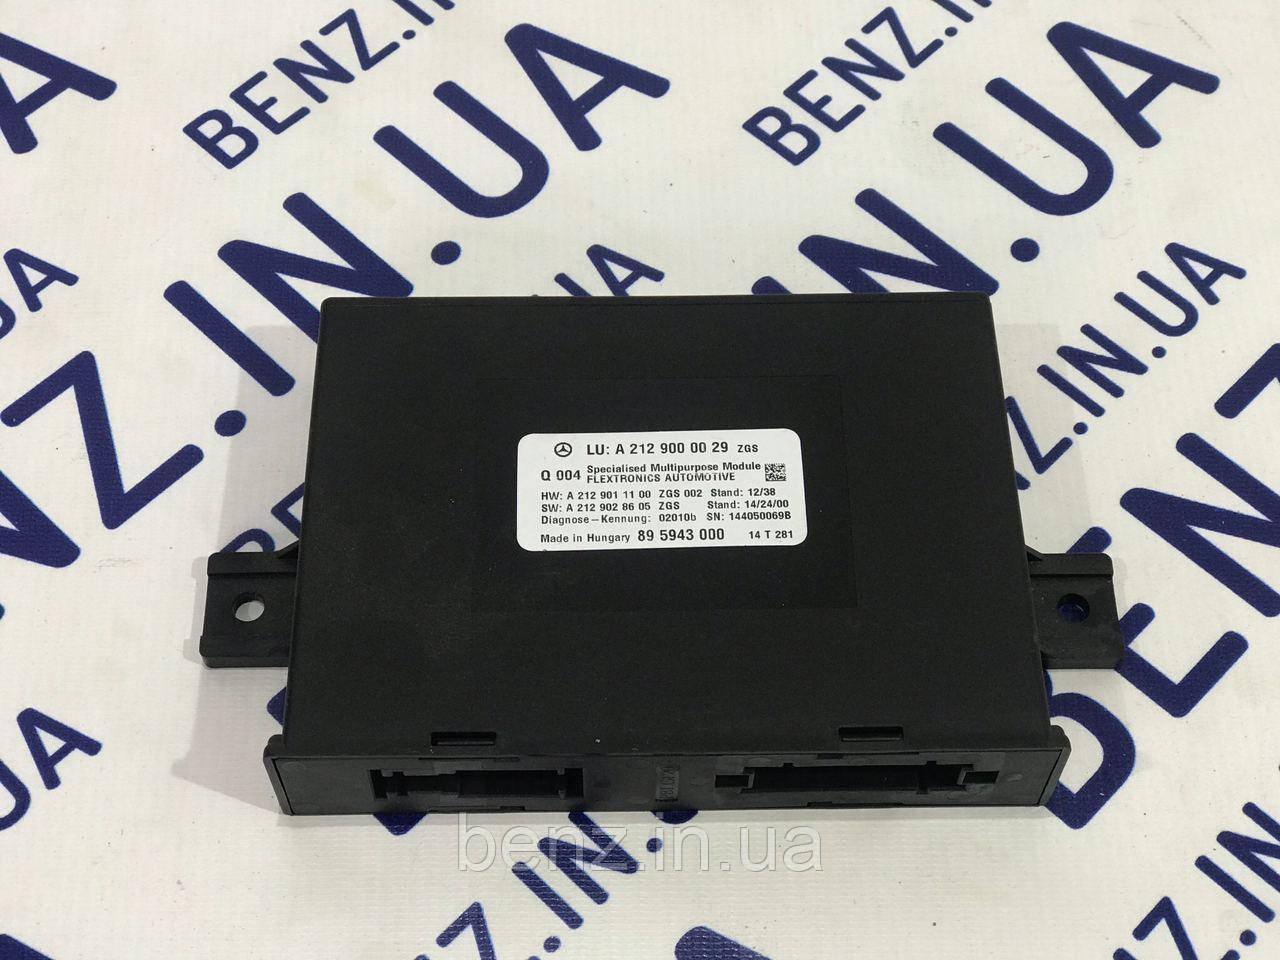 Блок керування додатковими функціями спец авто W212 рестайл A2129000029